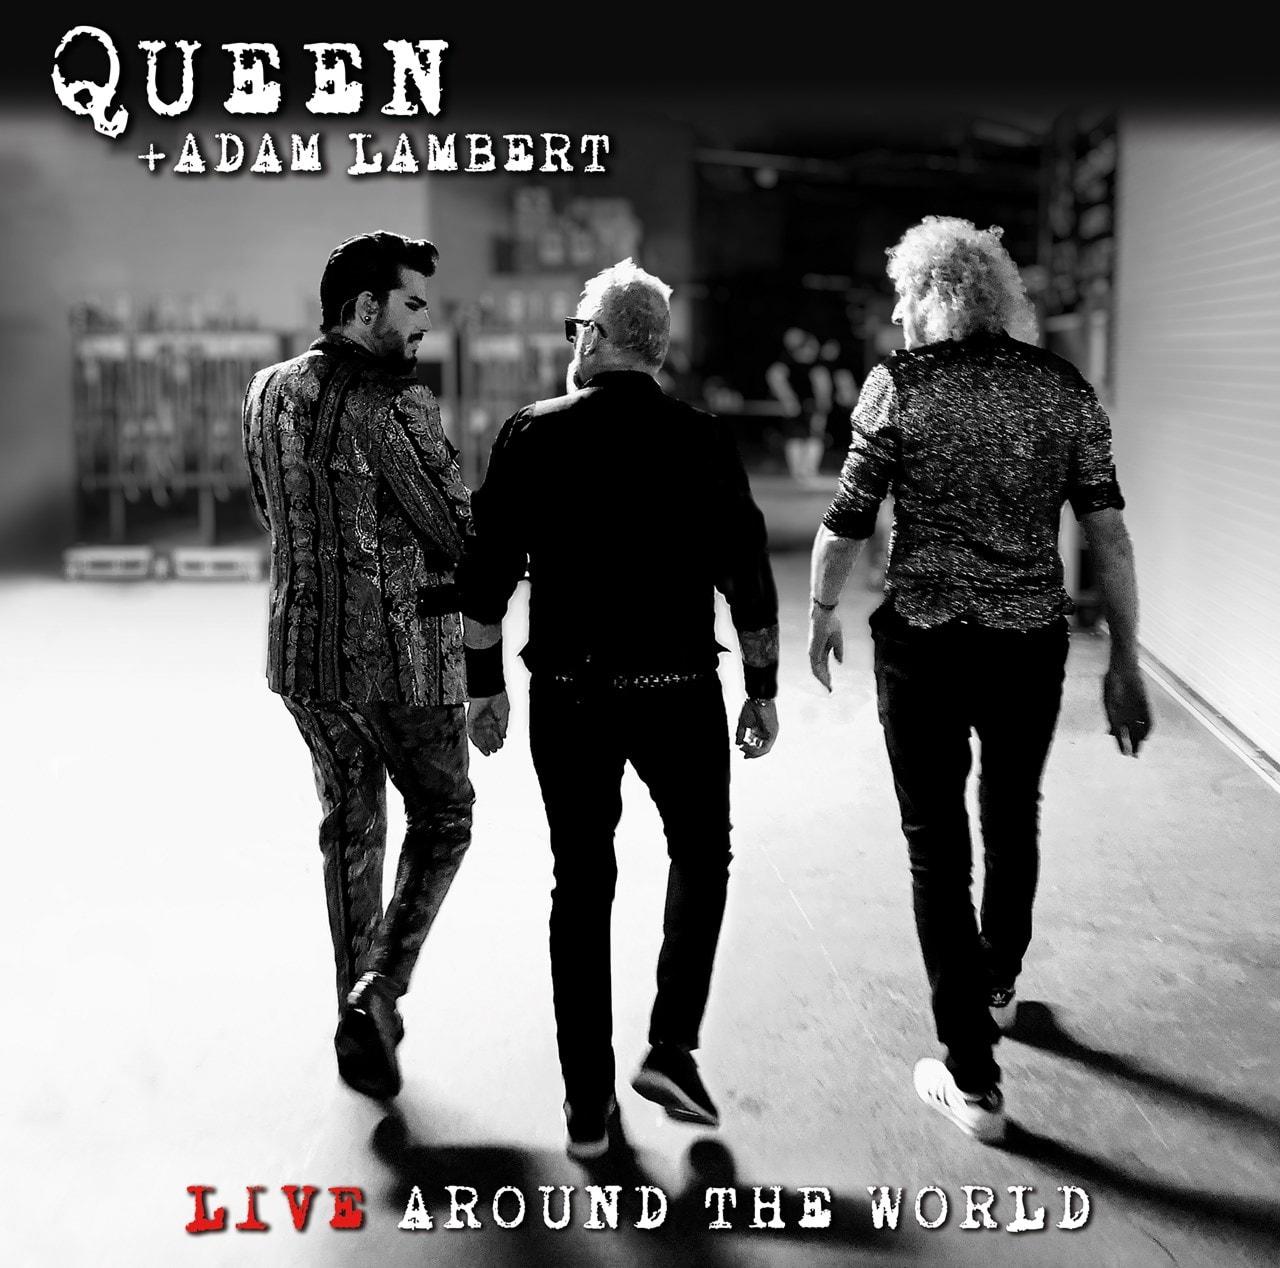 Live Around the World - CD + Blu-ray - 1